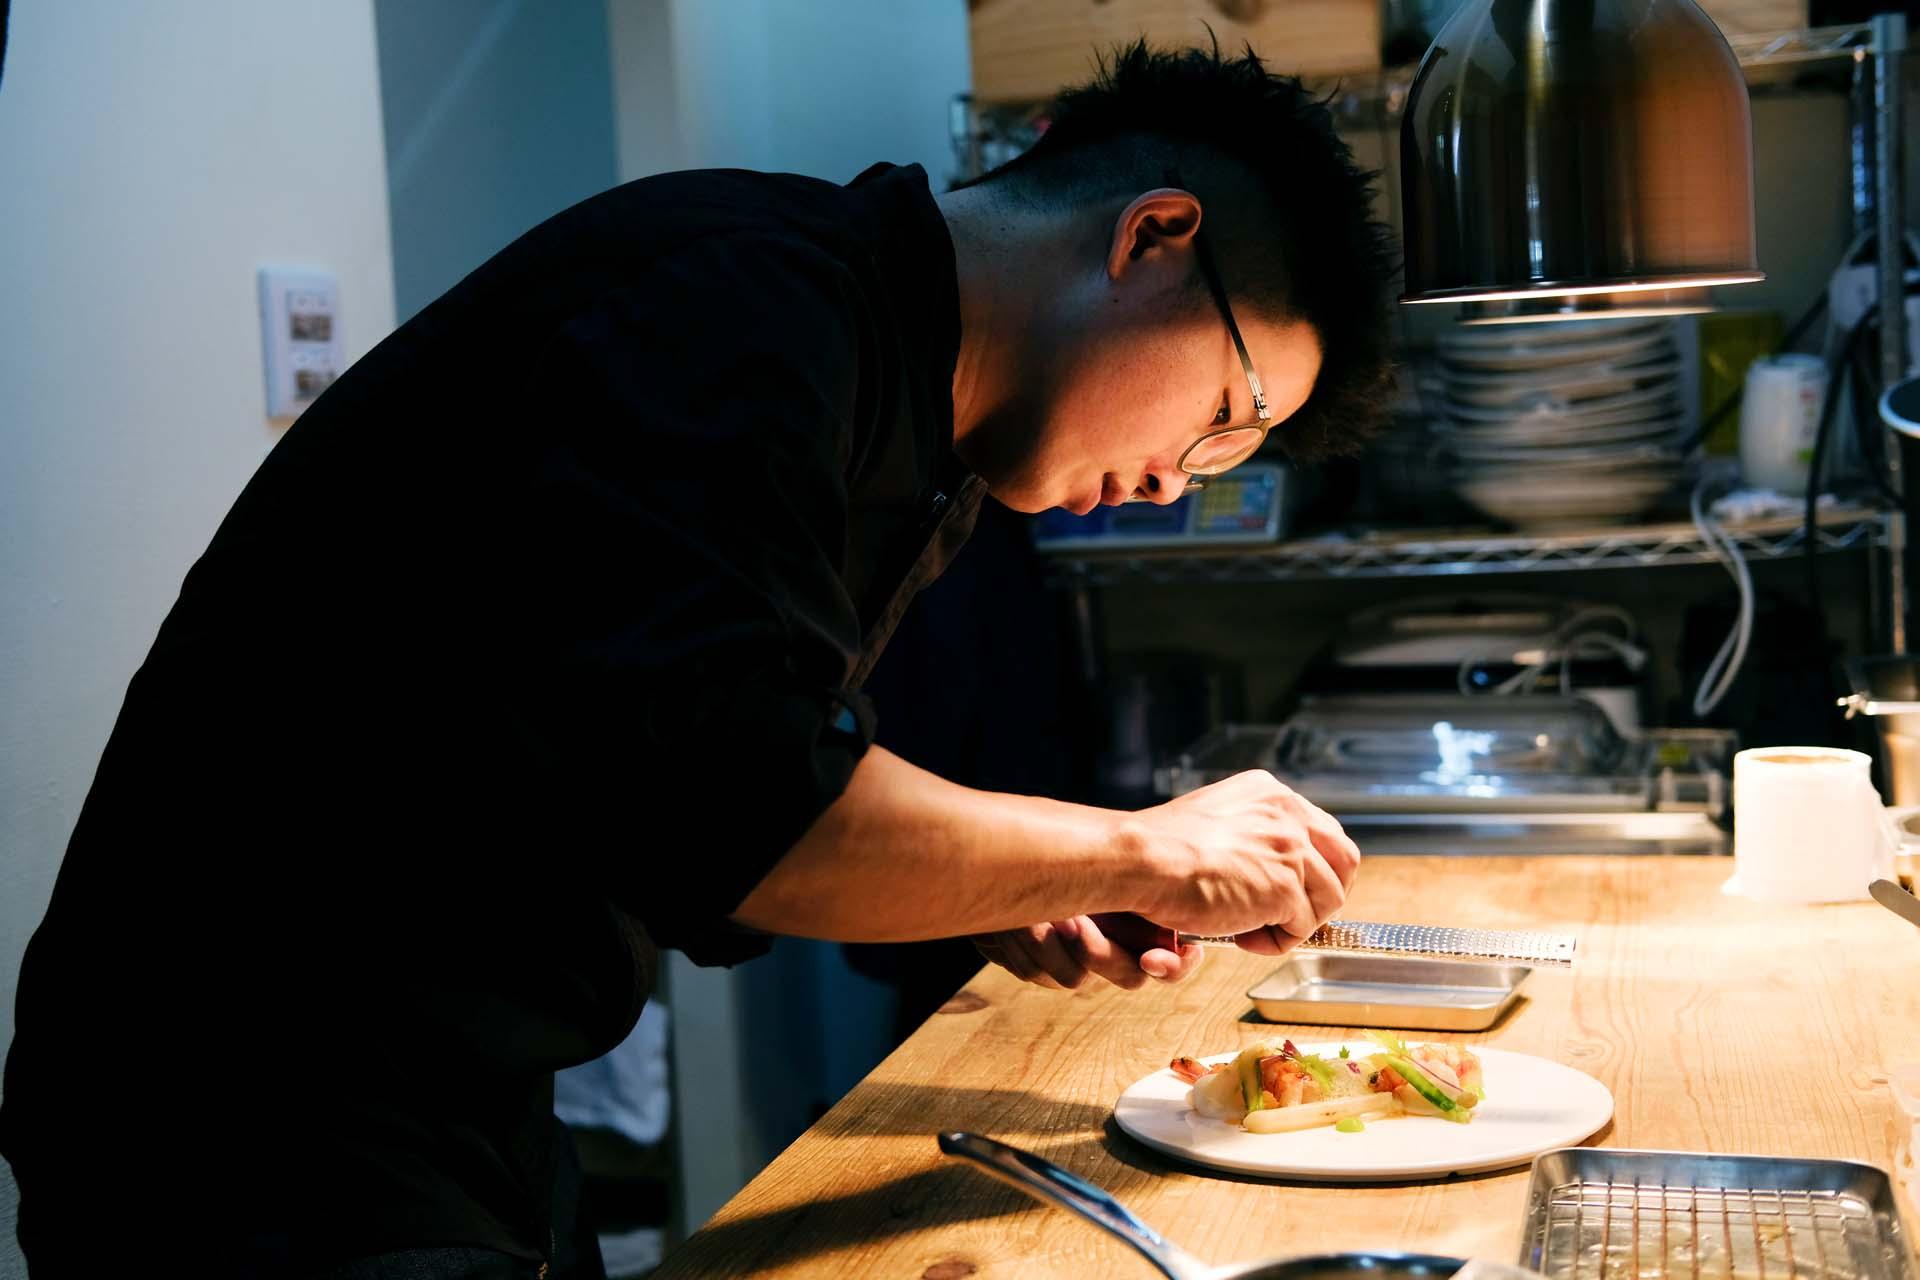 主廚之一凱維負責內場,細膩的調味手法耐人尋味。